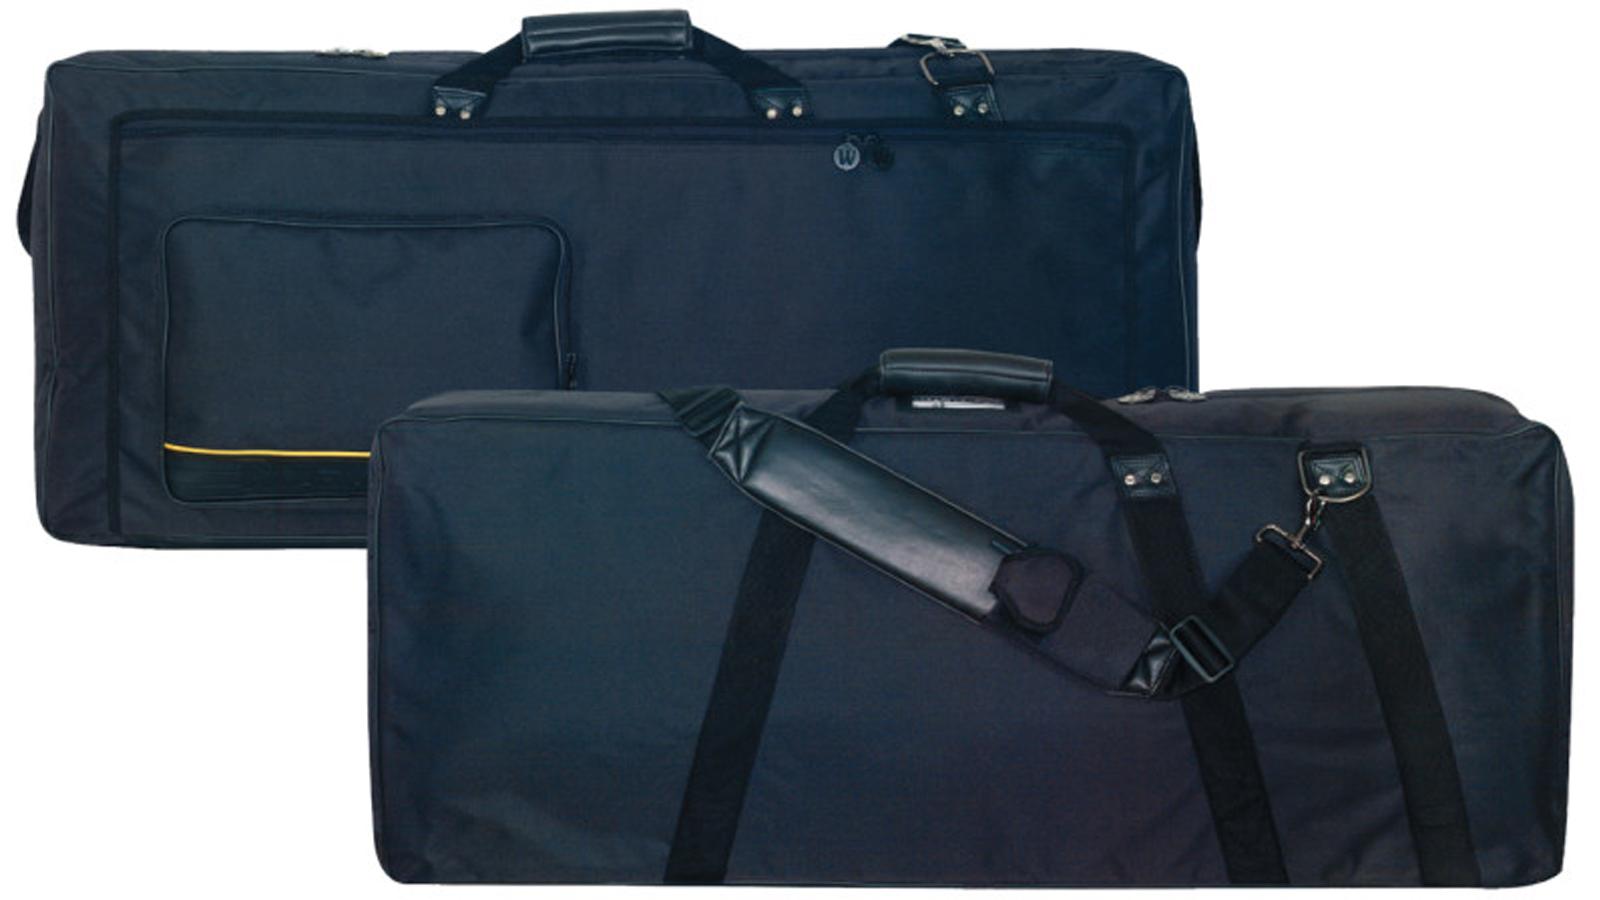 RockBag Premium Line Keyboard Tasche 153 x 53 x 23 cm